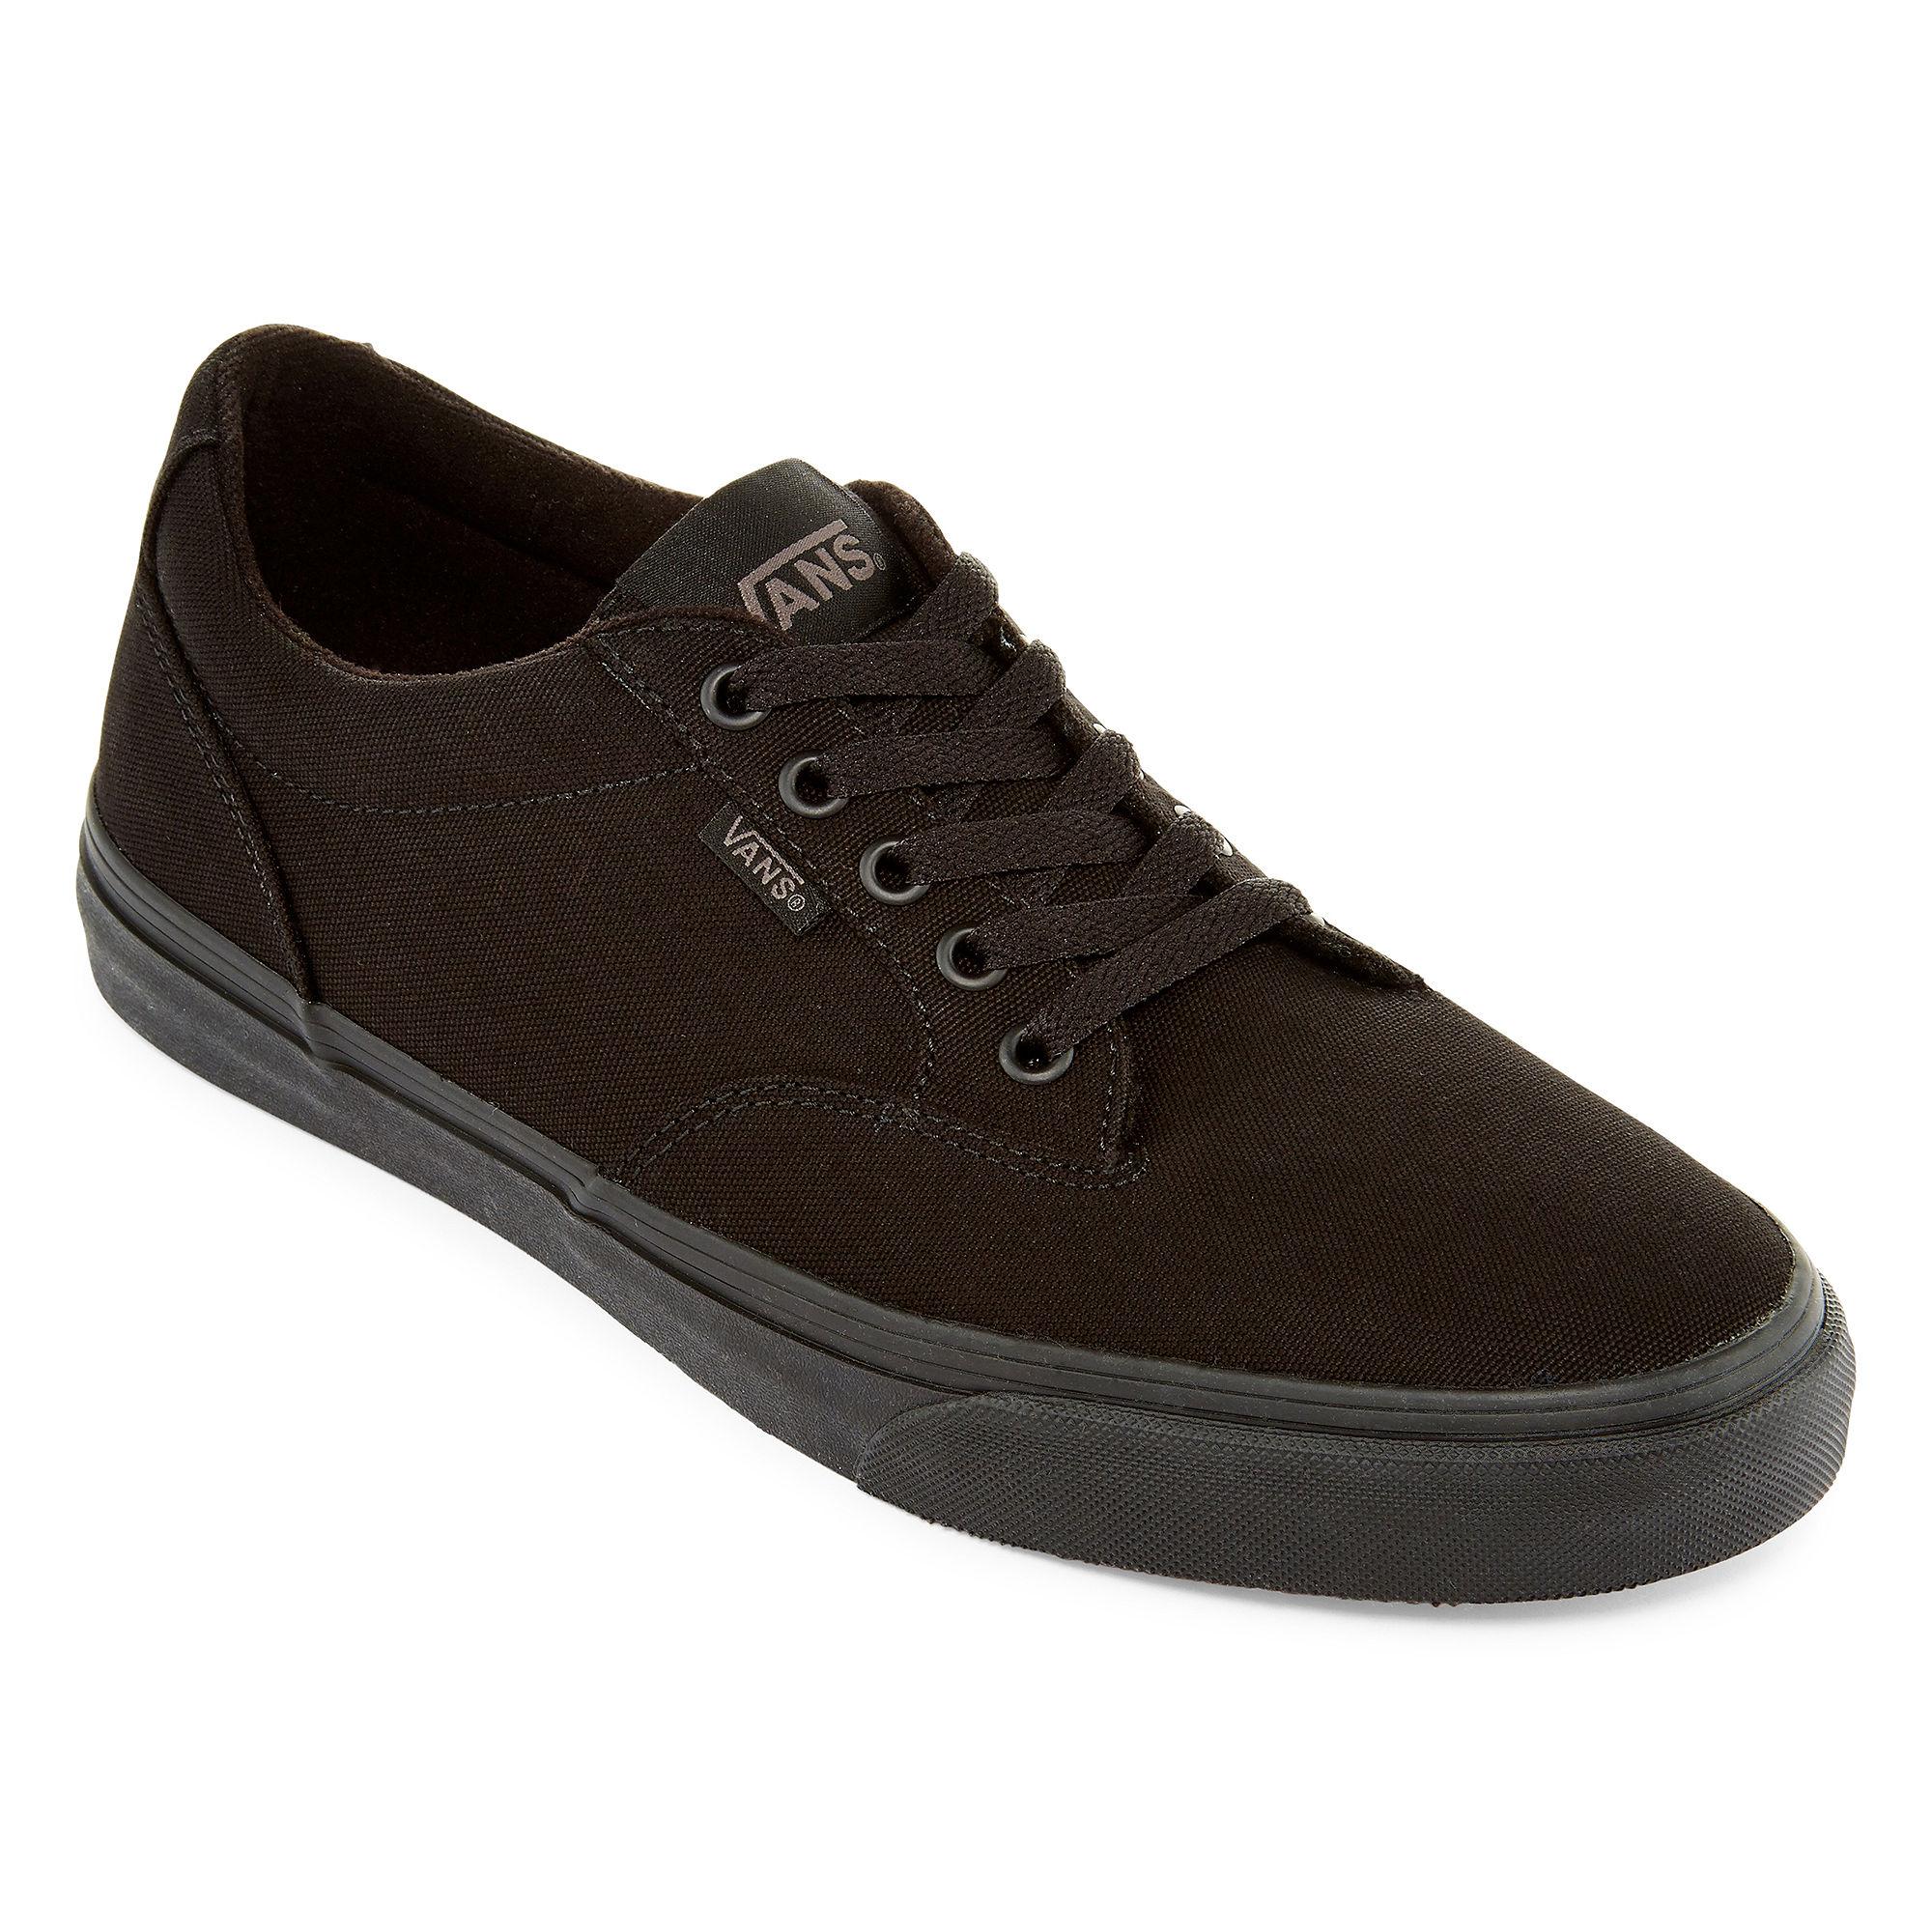 Vans Winston Mens Mono Canvas Skate Shoes